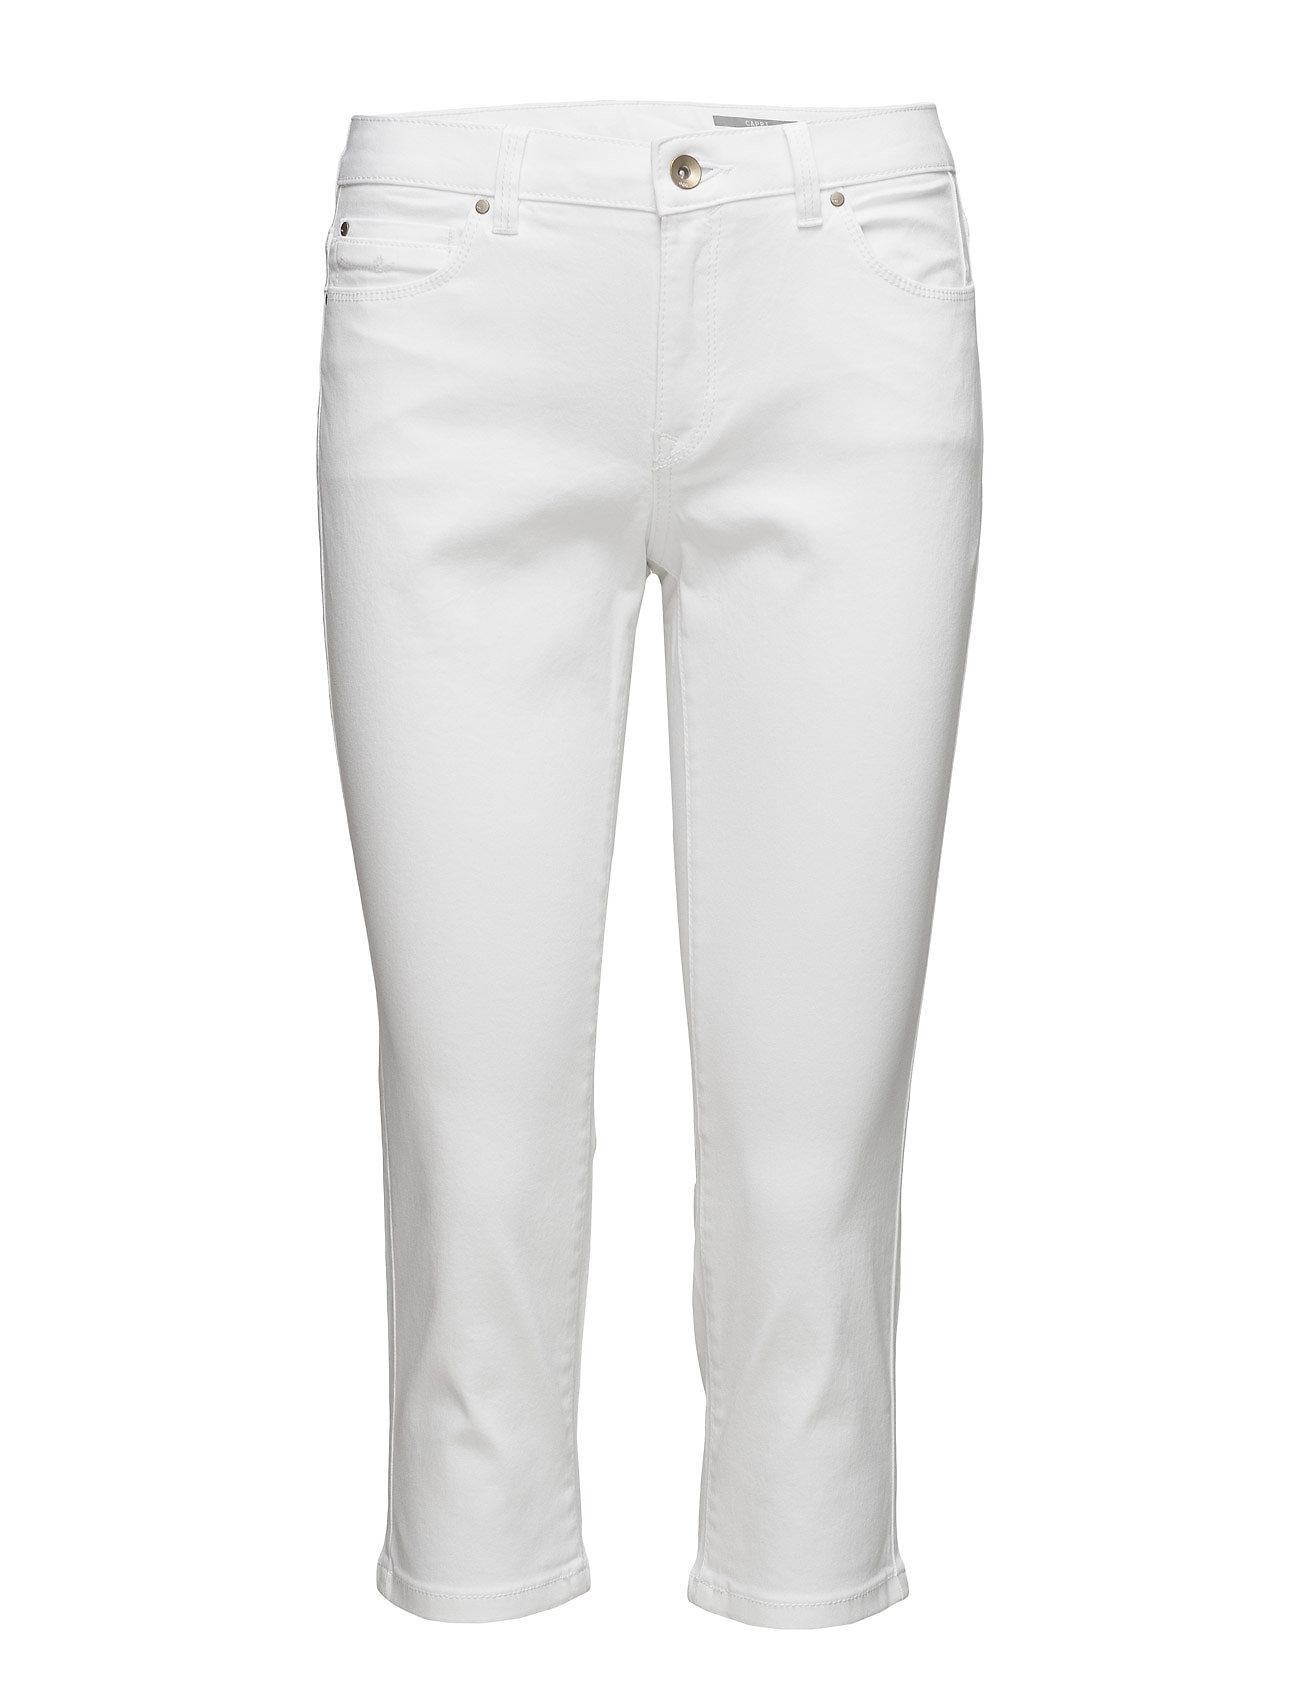 Pants Woven EDC by Esprit Skinny til Damer i hvid